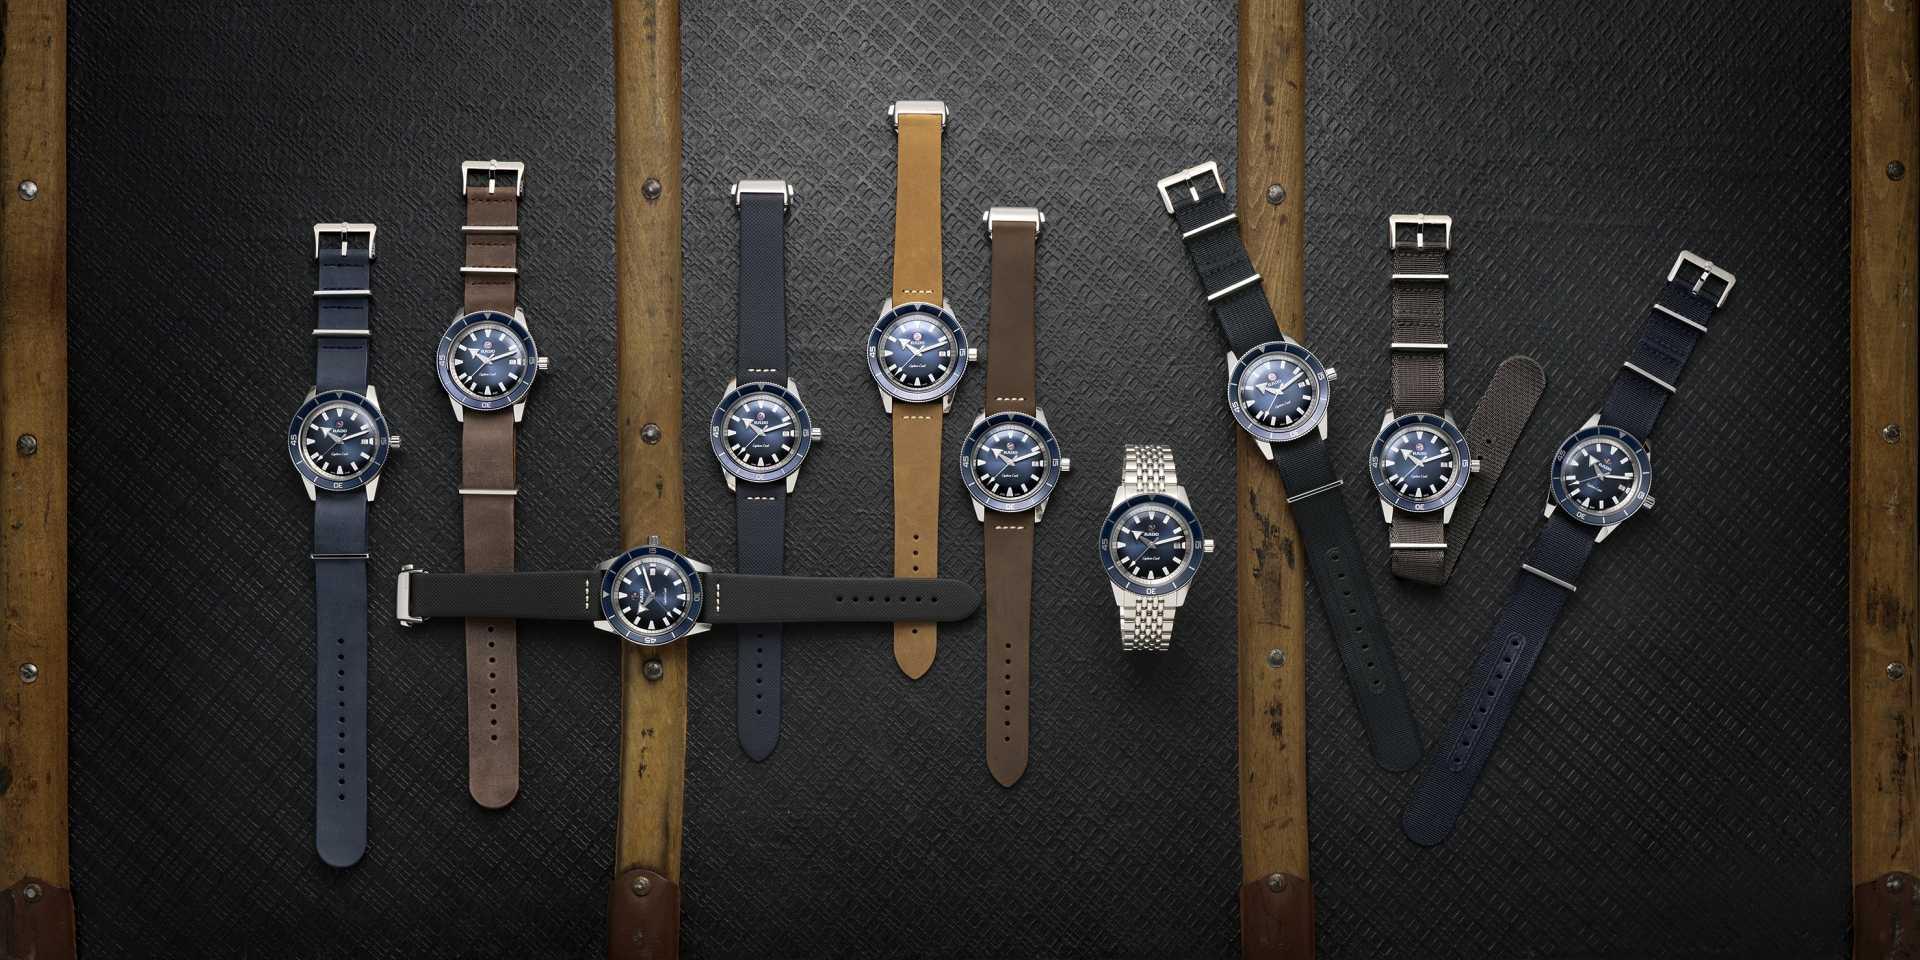 型男必備的百搭單品:備有十款快拆錶帶的Rado雷達表Captain Cook庫克船長復刻自動腕錶